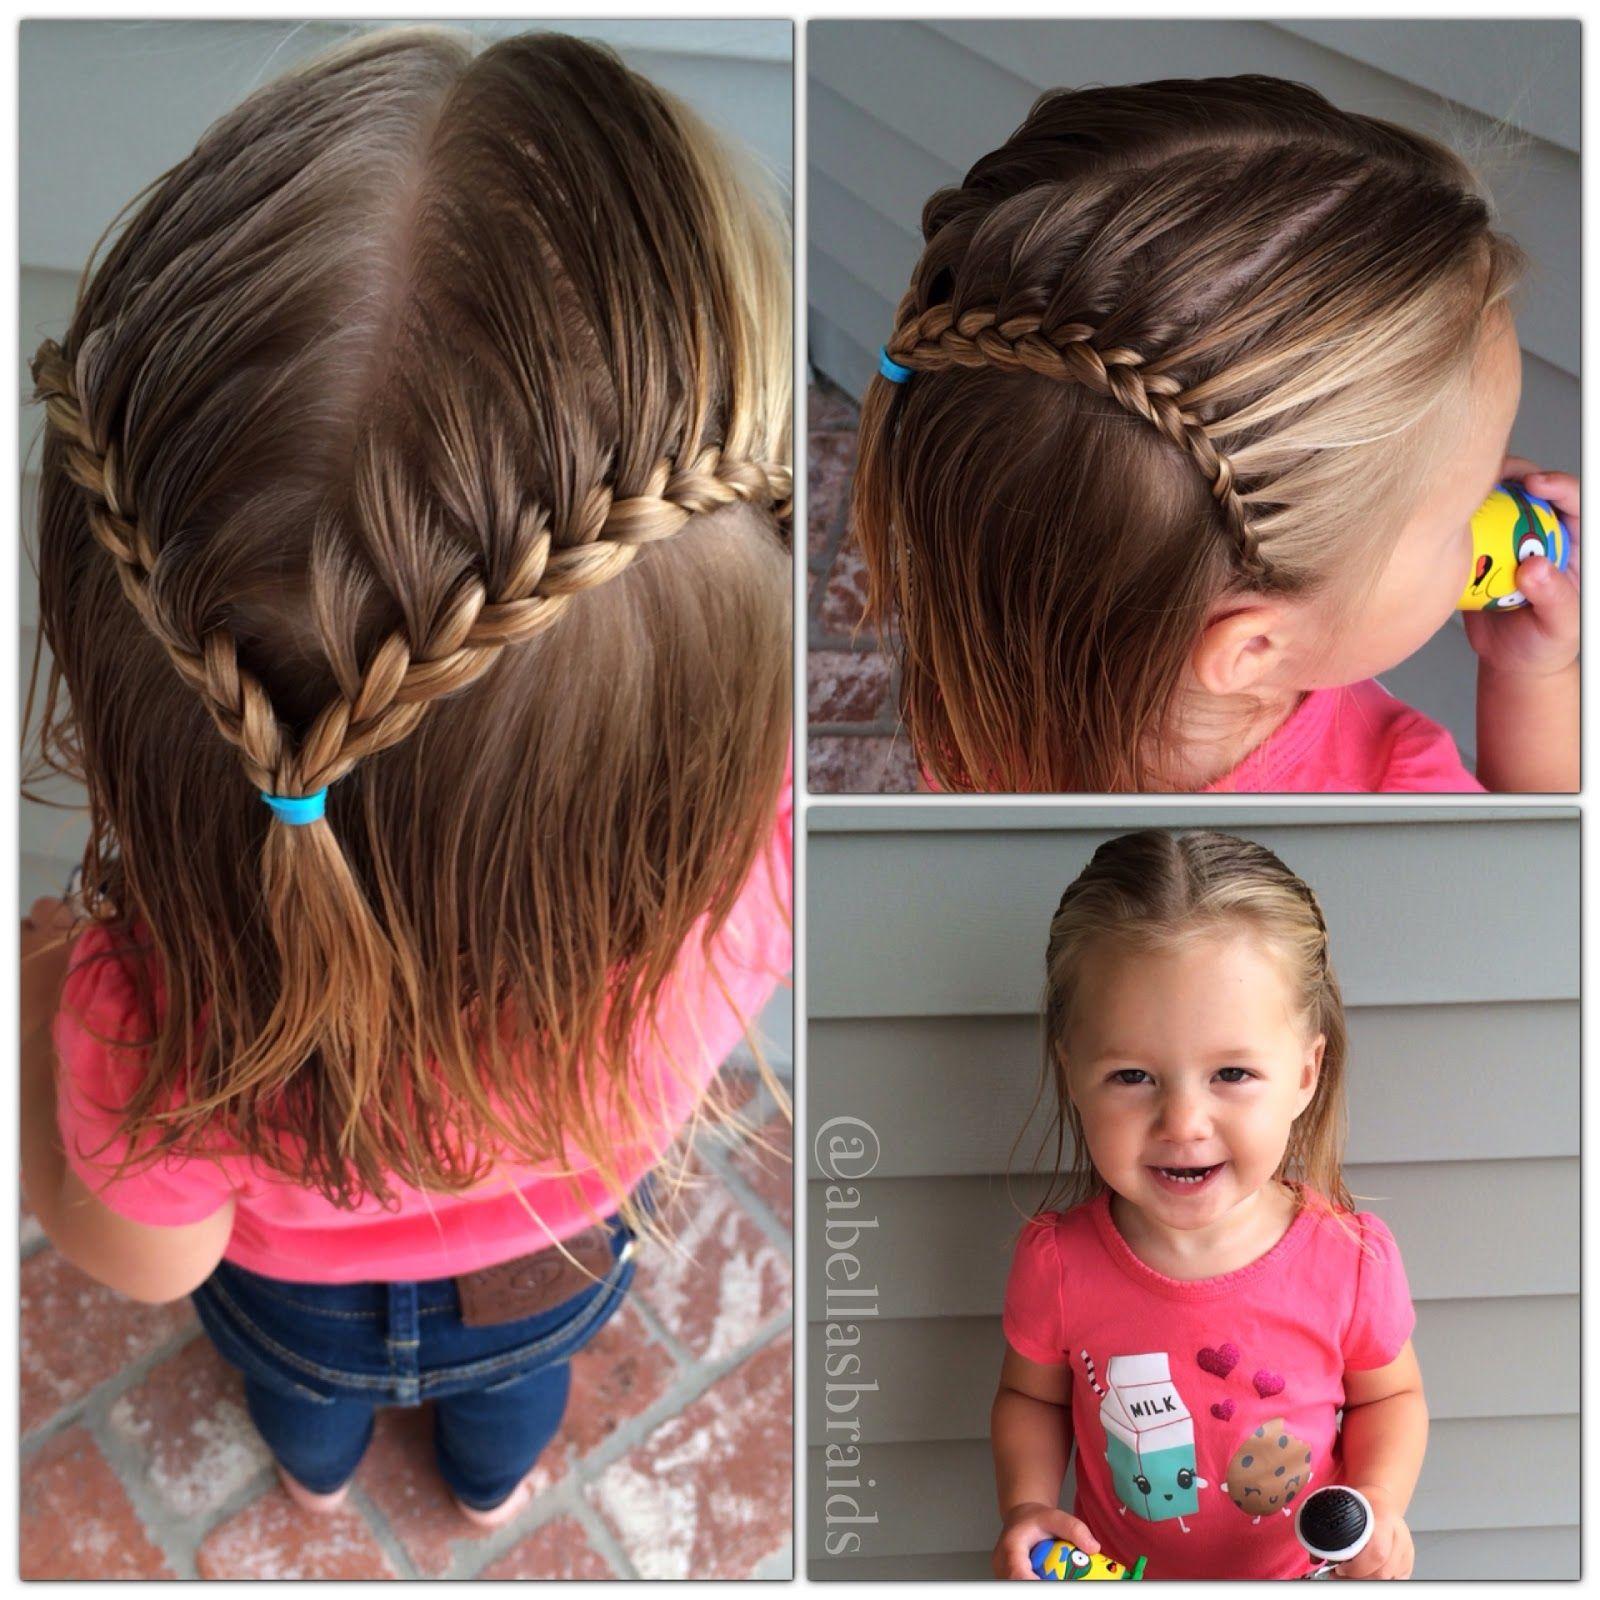 abella's braids | girls hairstyles | pinterest | simple braids